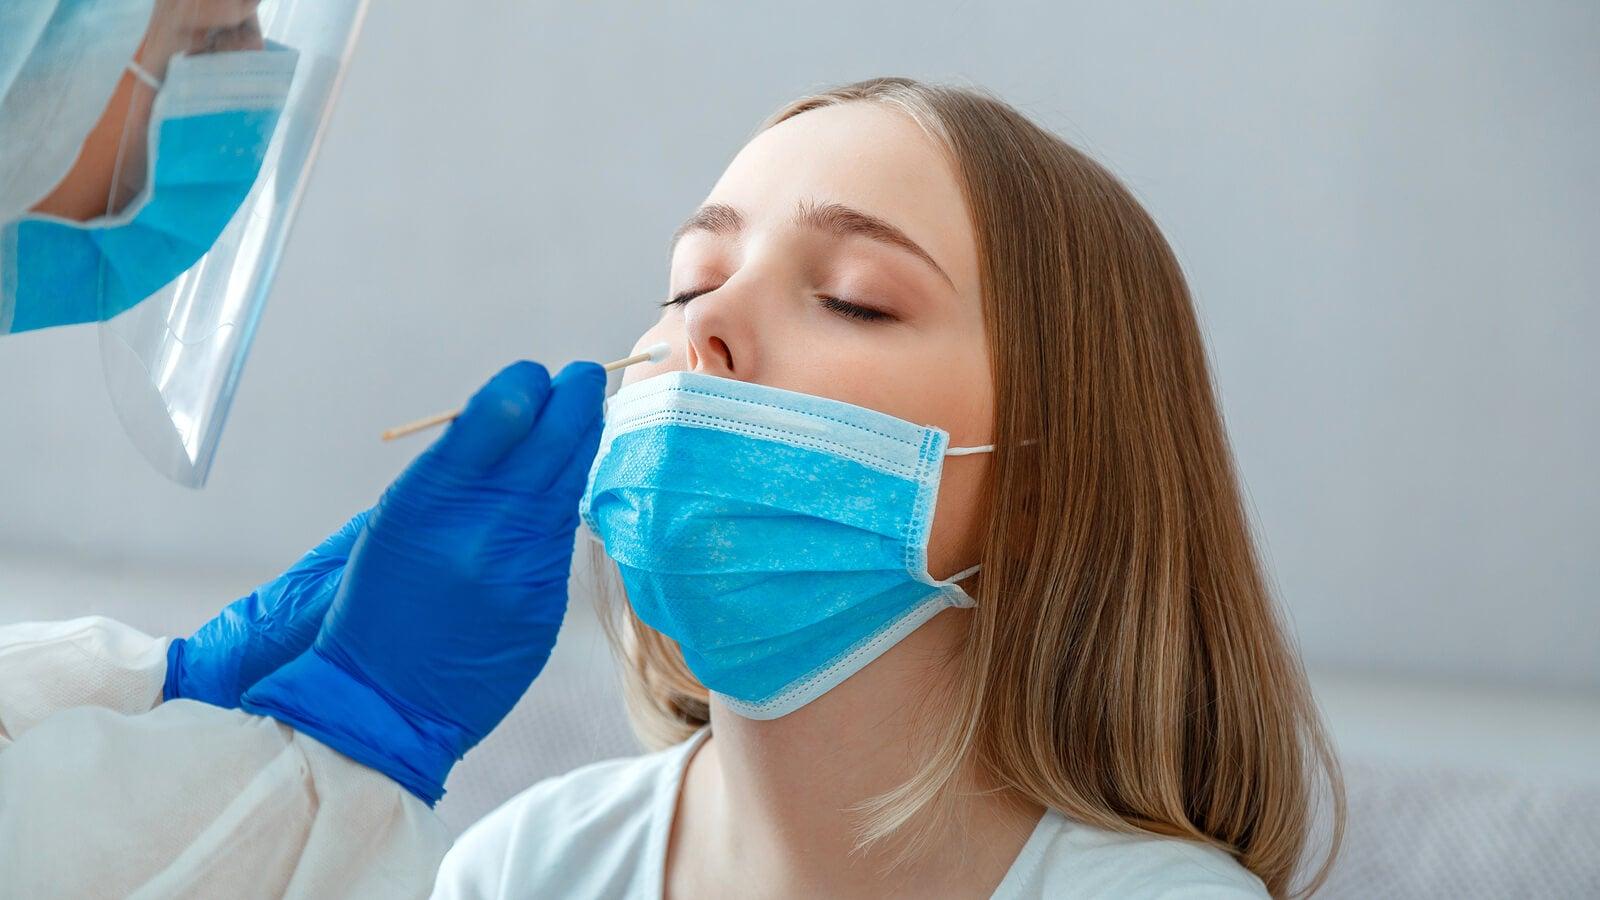 El test de antígeno para la COVID-19 es efectivo